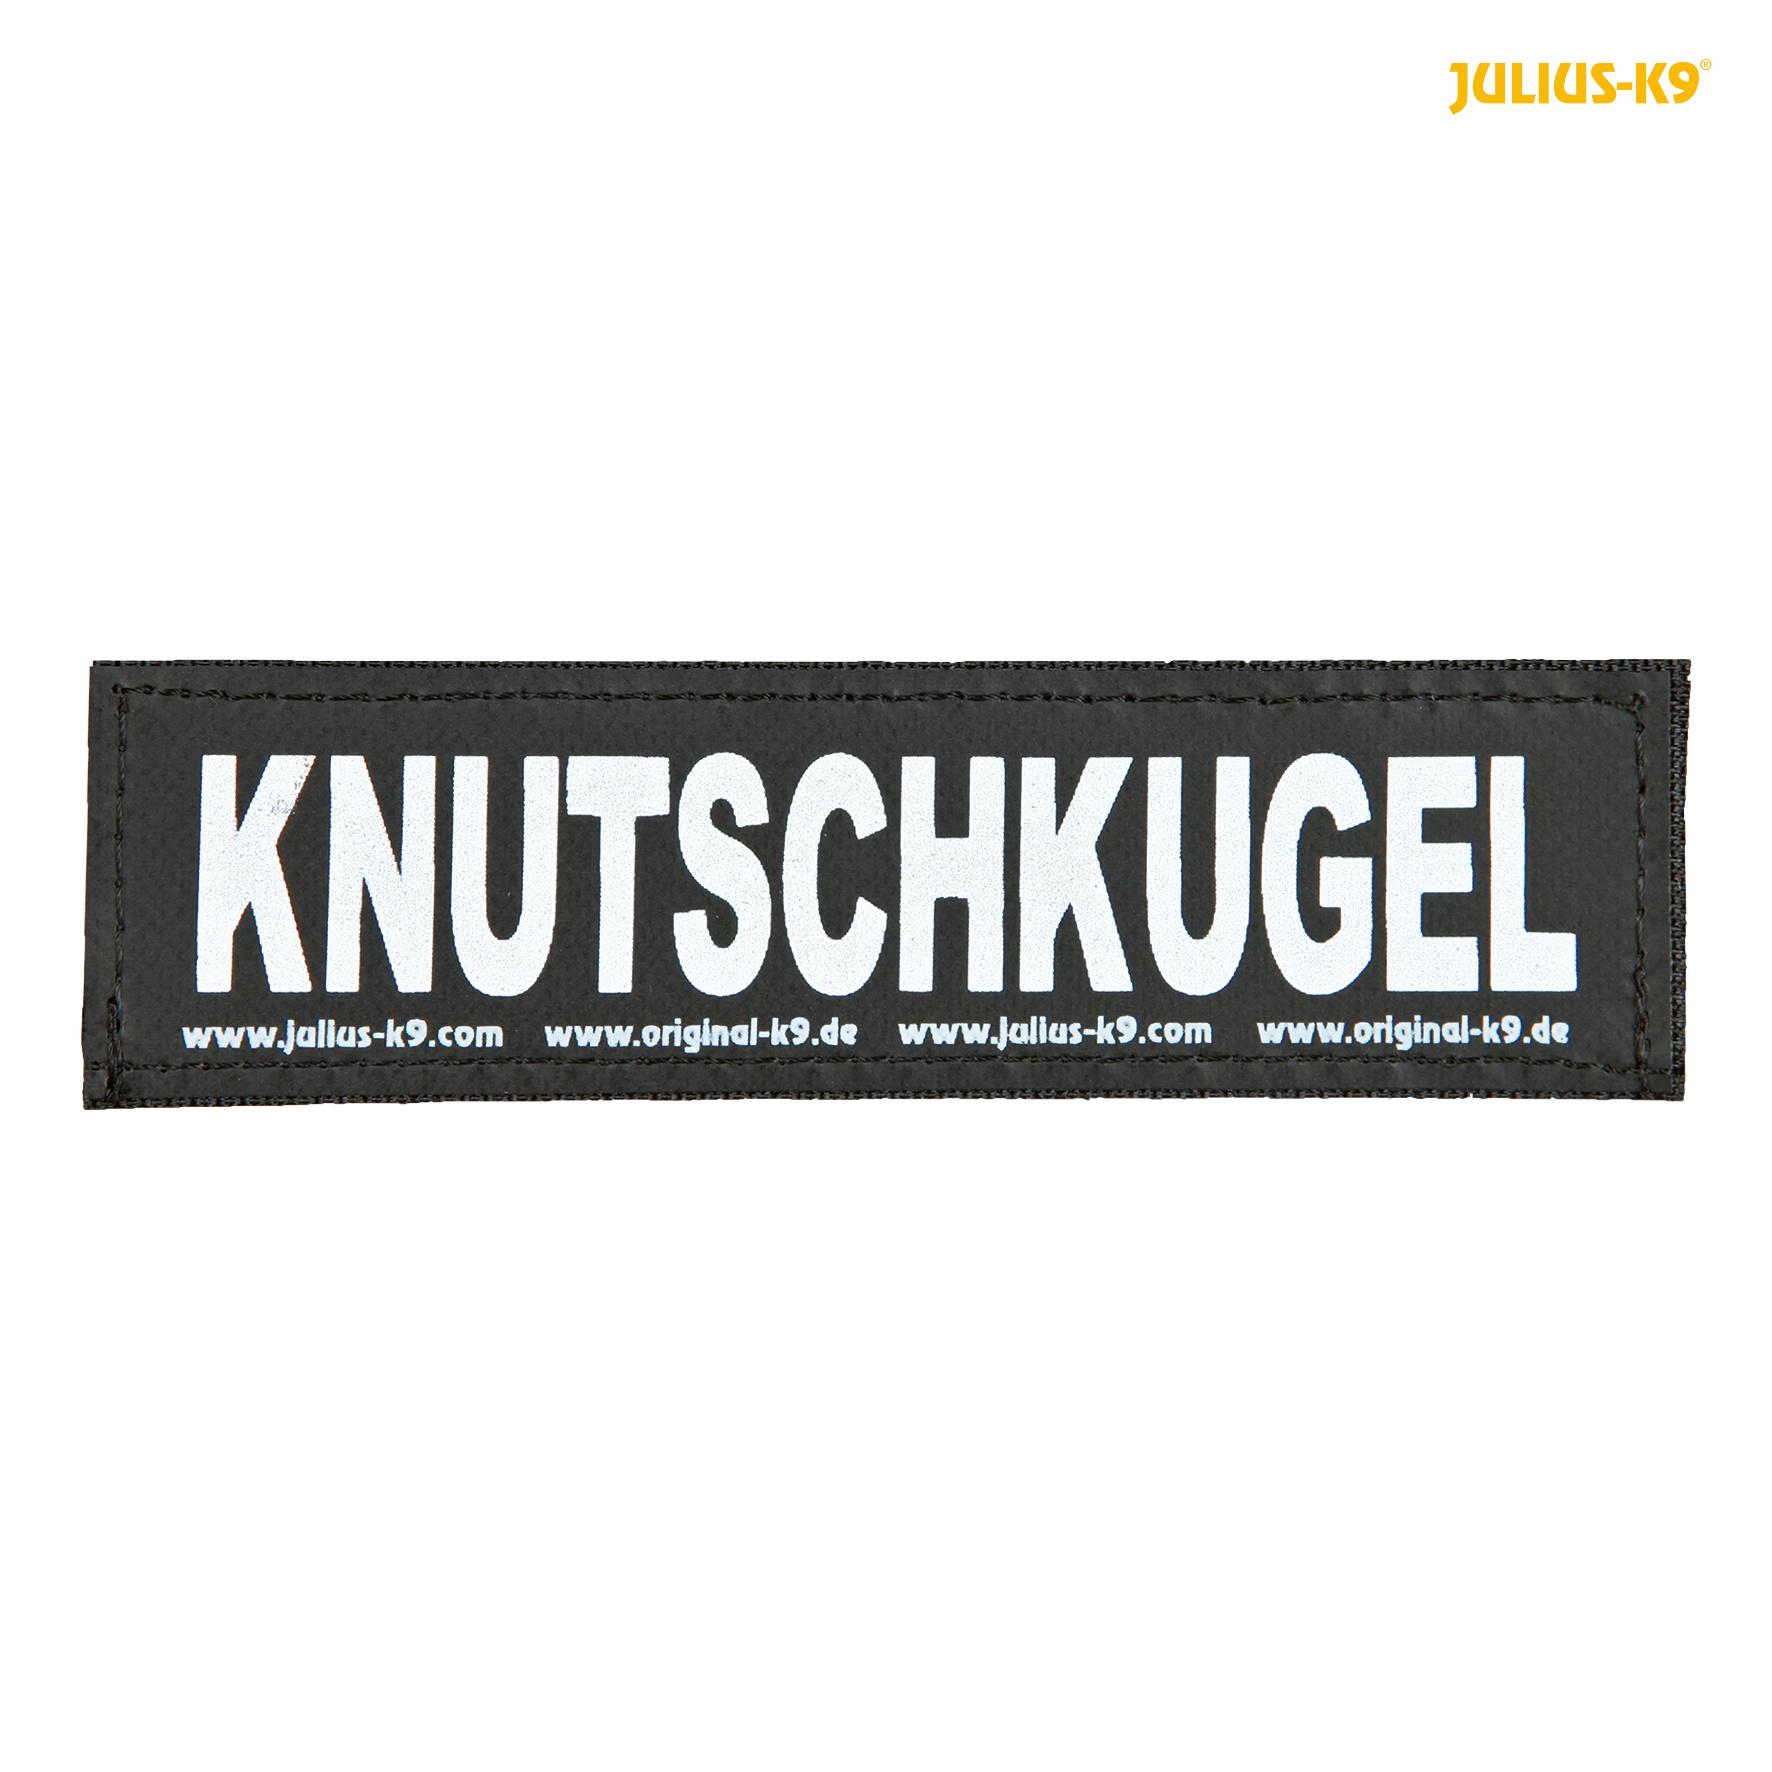 TRIXIE Julius-K9 Klettsticker TRIXIE 2 Julius-K9® Klettsticker, L, KNUTSCHKUGEL